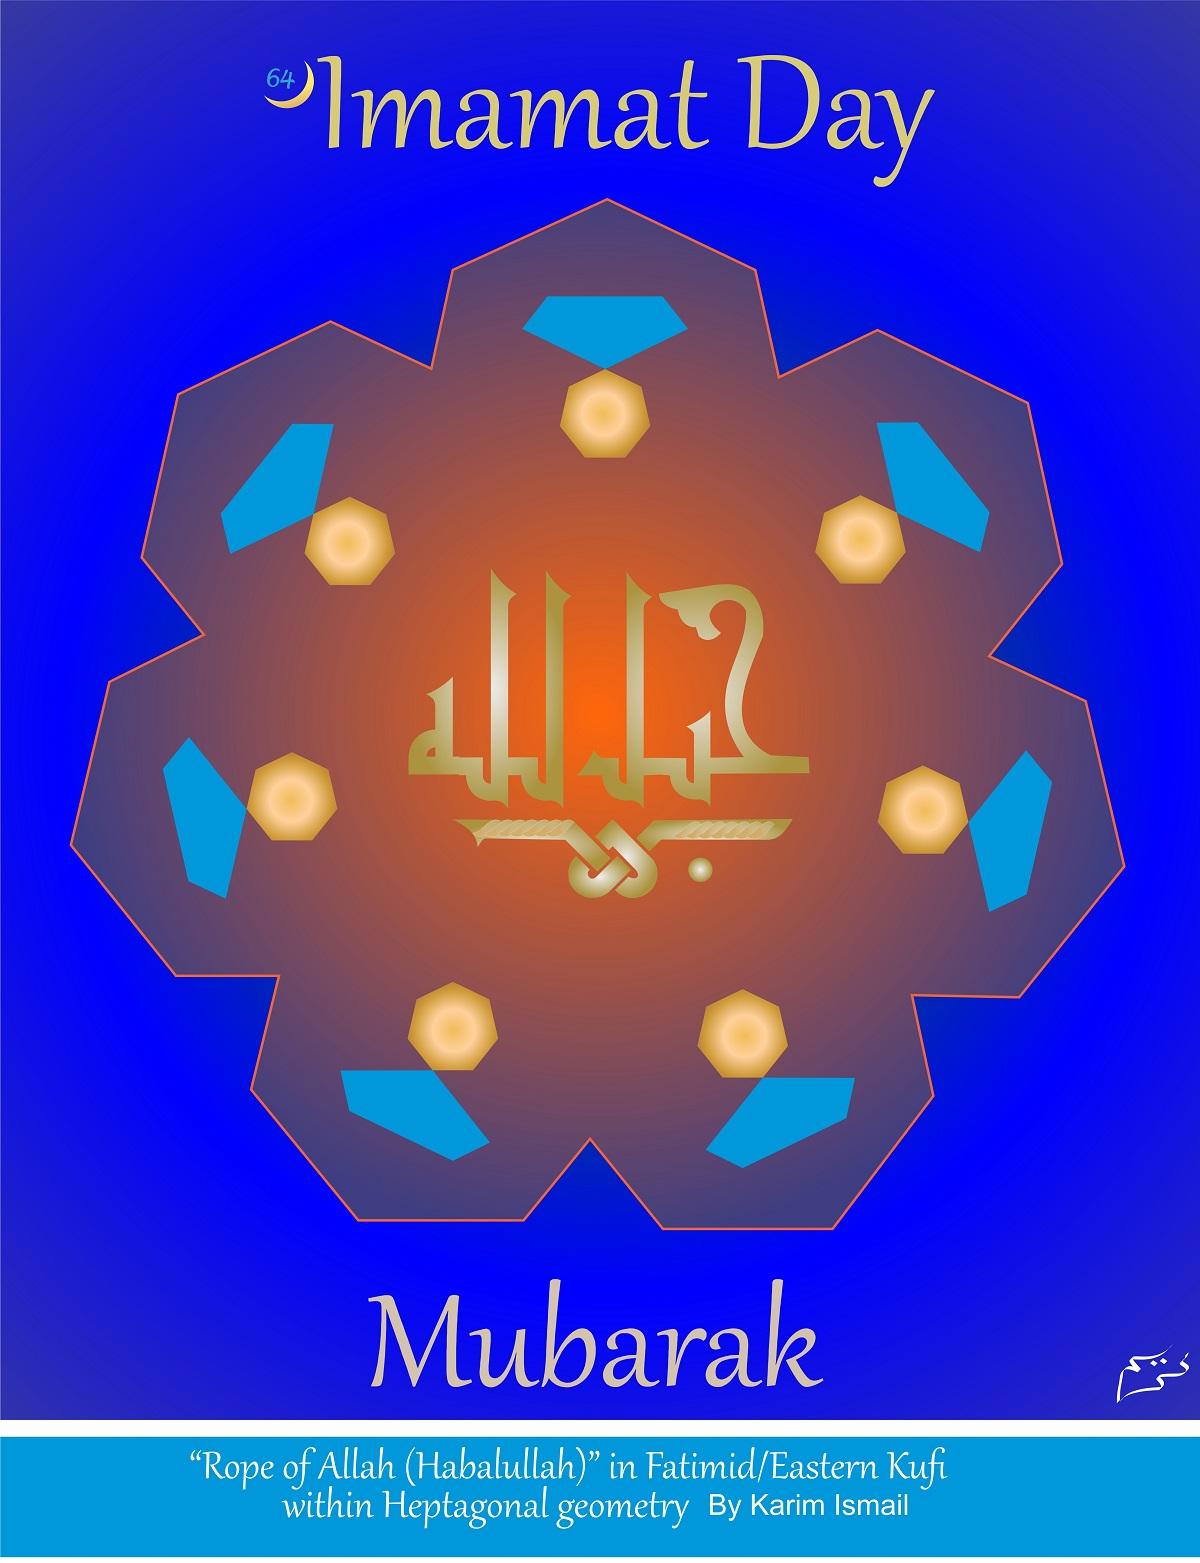 Imamat Day Card by Karim Ismail Simerg and Barakah His Highness the Aga Khan Mawlana Hazar Imam Prince Karim